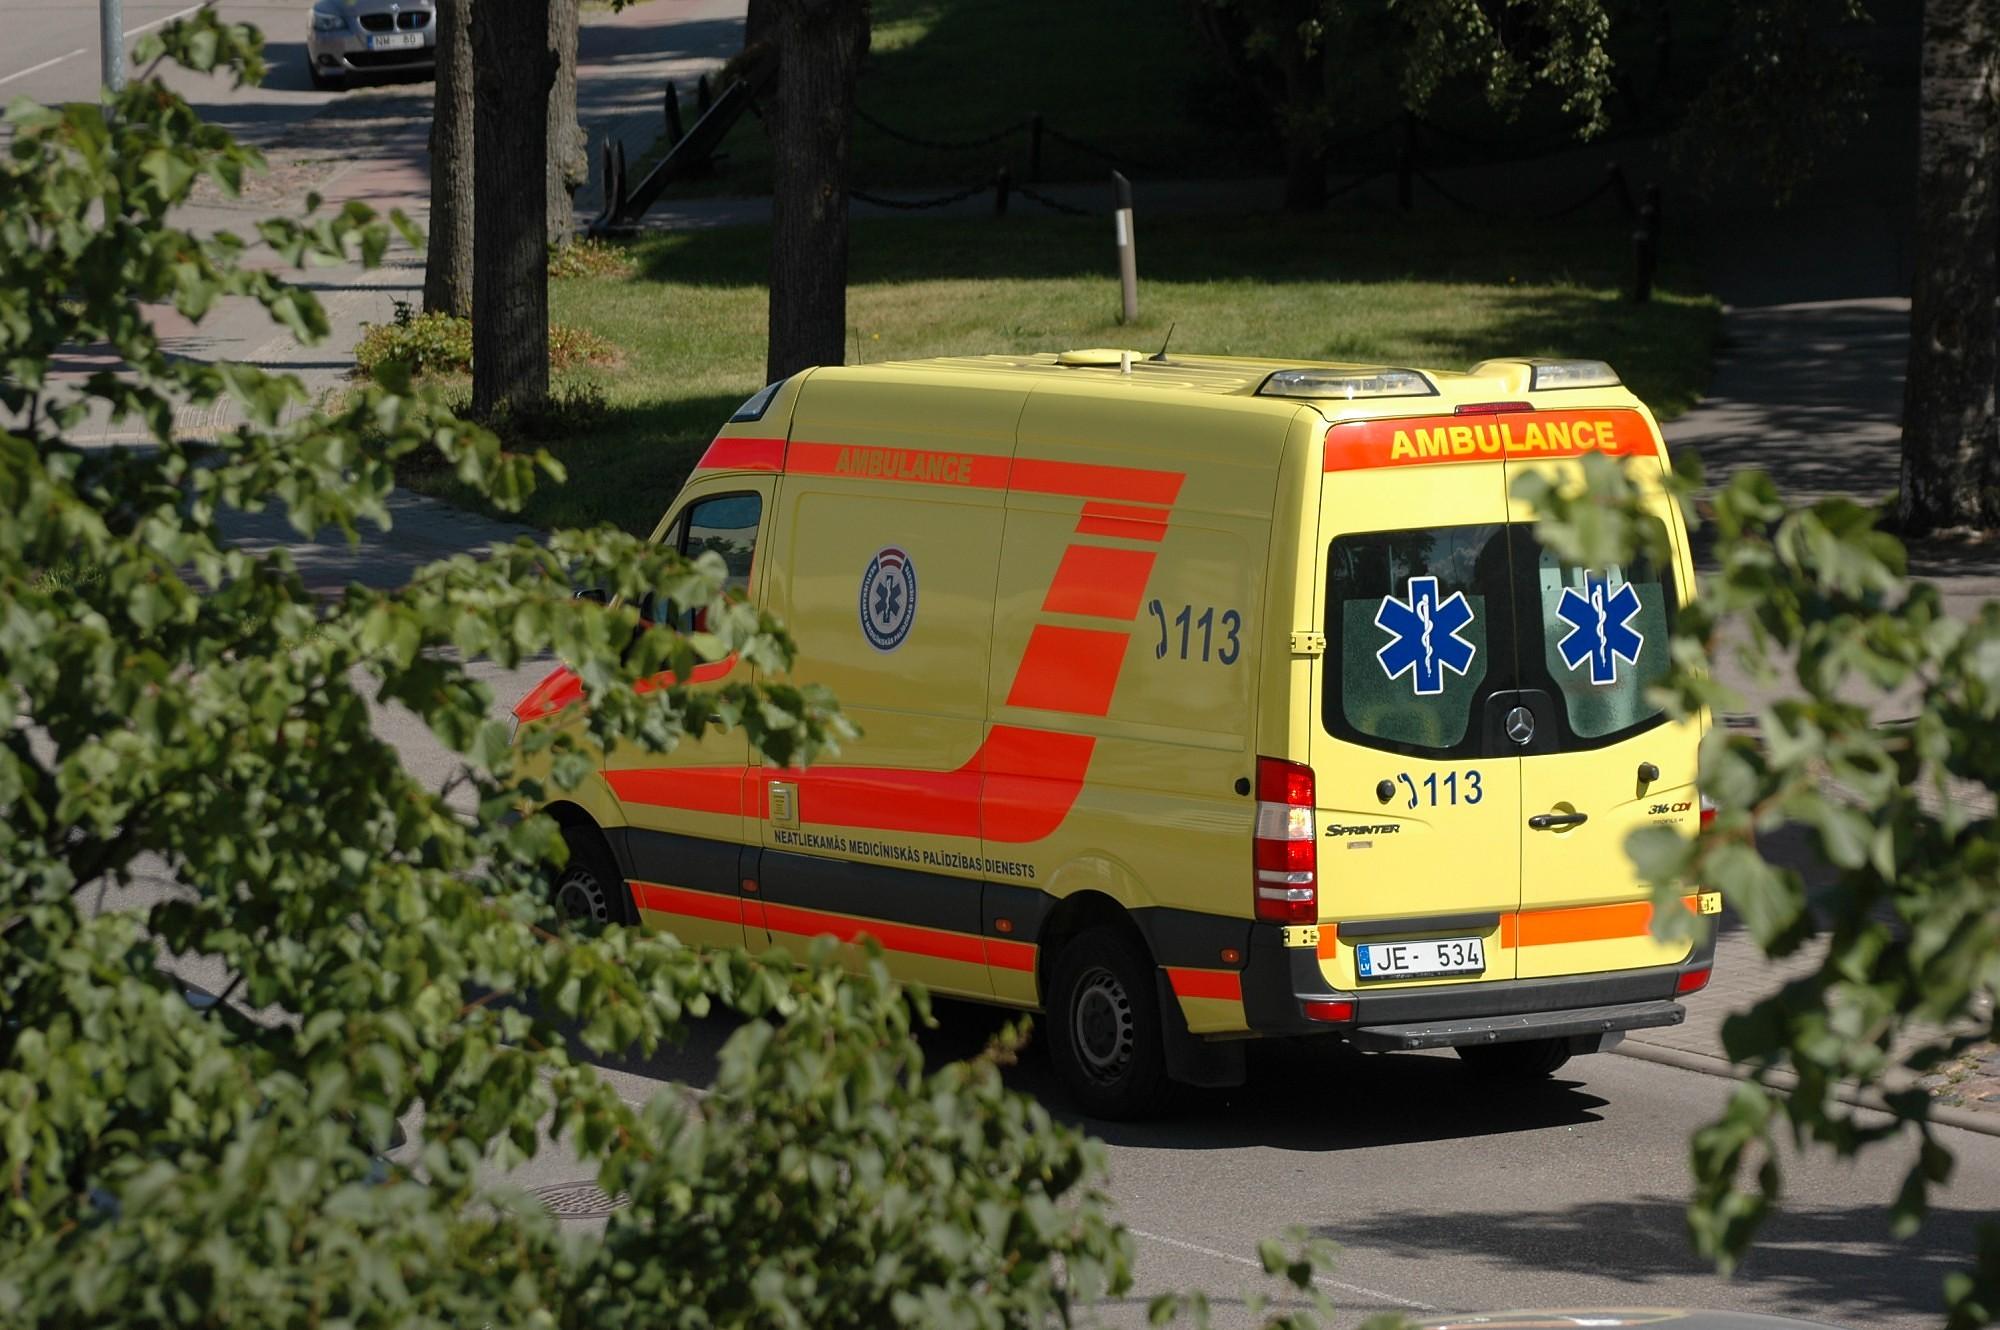 При резком торможении автобуса травмы получил пьяный поссажир